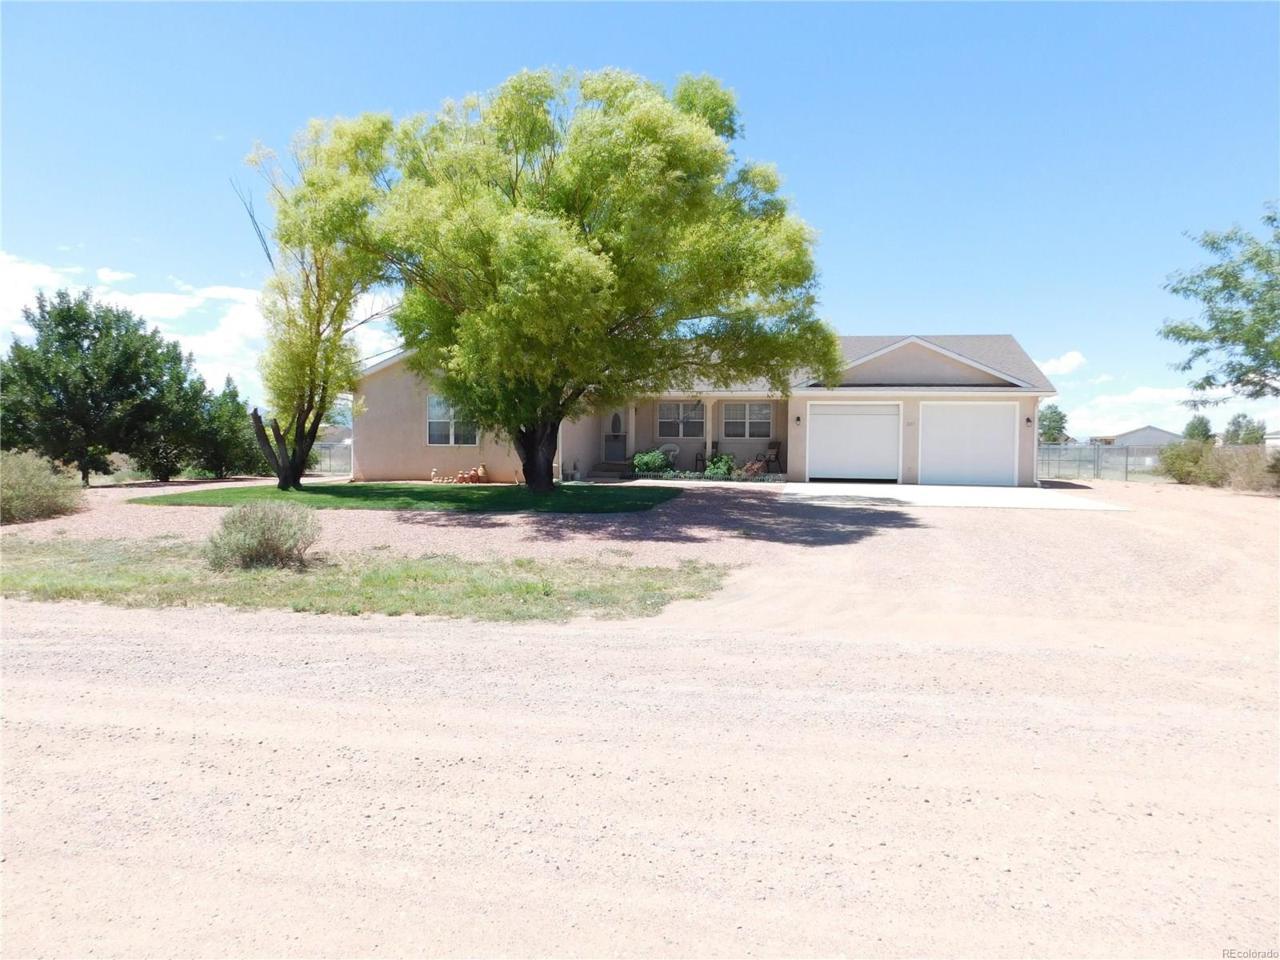 827 S Flamenco Drive, Pueblo, CO 81007 (MLS #2714030) :: 8z Real Estate